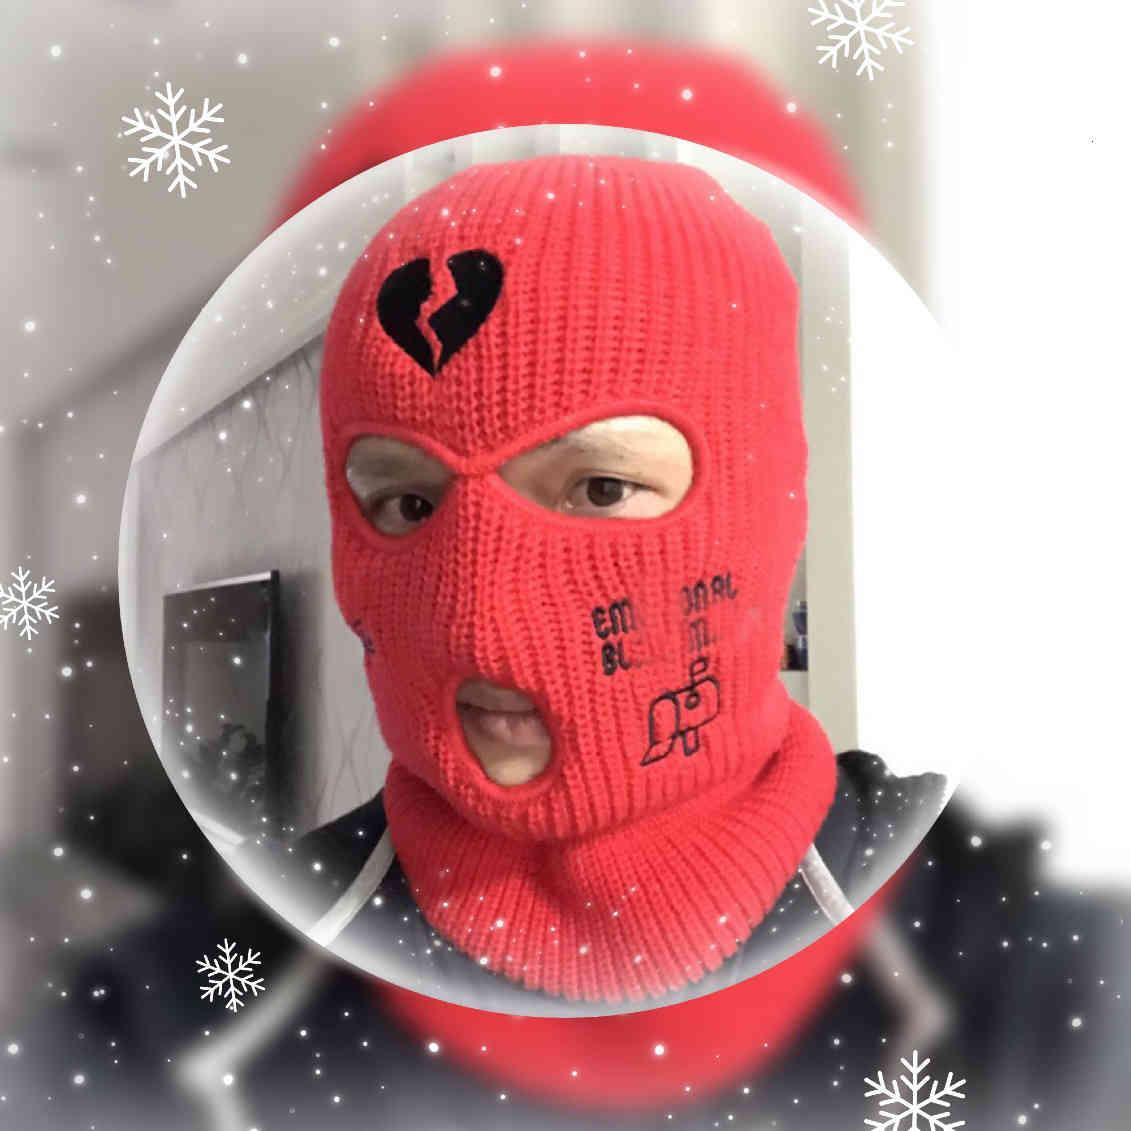 Balaclava 3 النيون هول قناع التزلج أقنعة التكتيكية الوجه كامل الشتاء قبعة هالوين حزب أقنعة محدودة التطريز أعلى جودة بالجملة مصنع N8SM